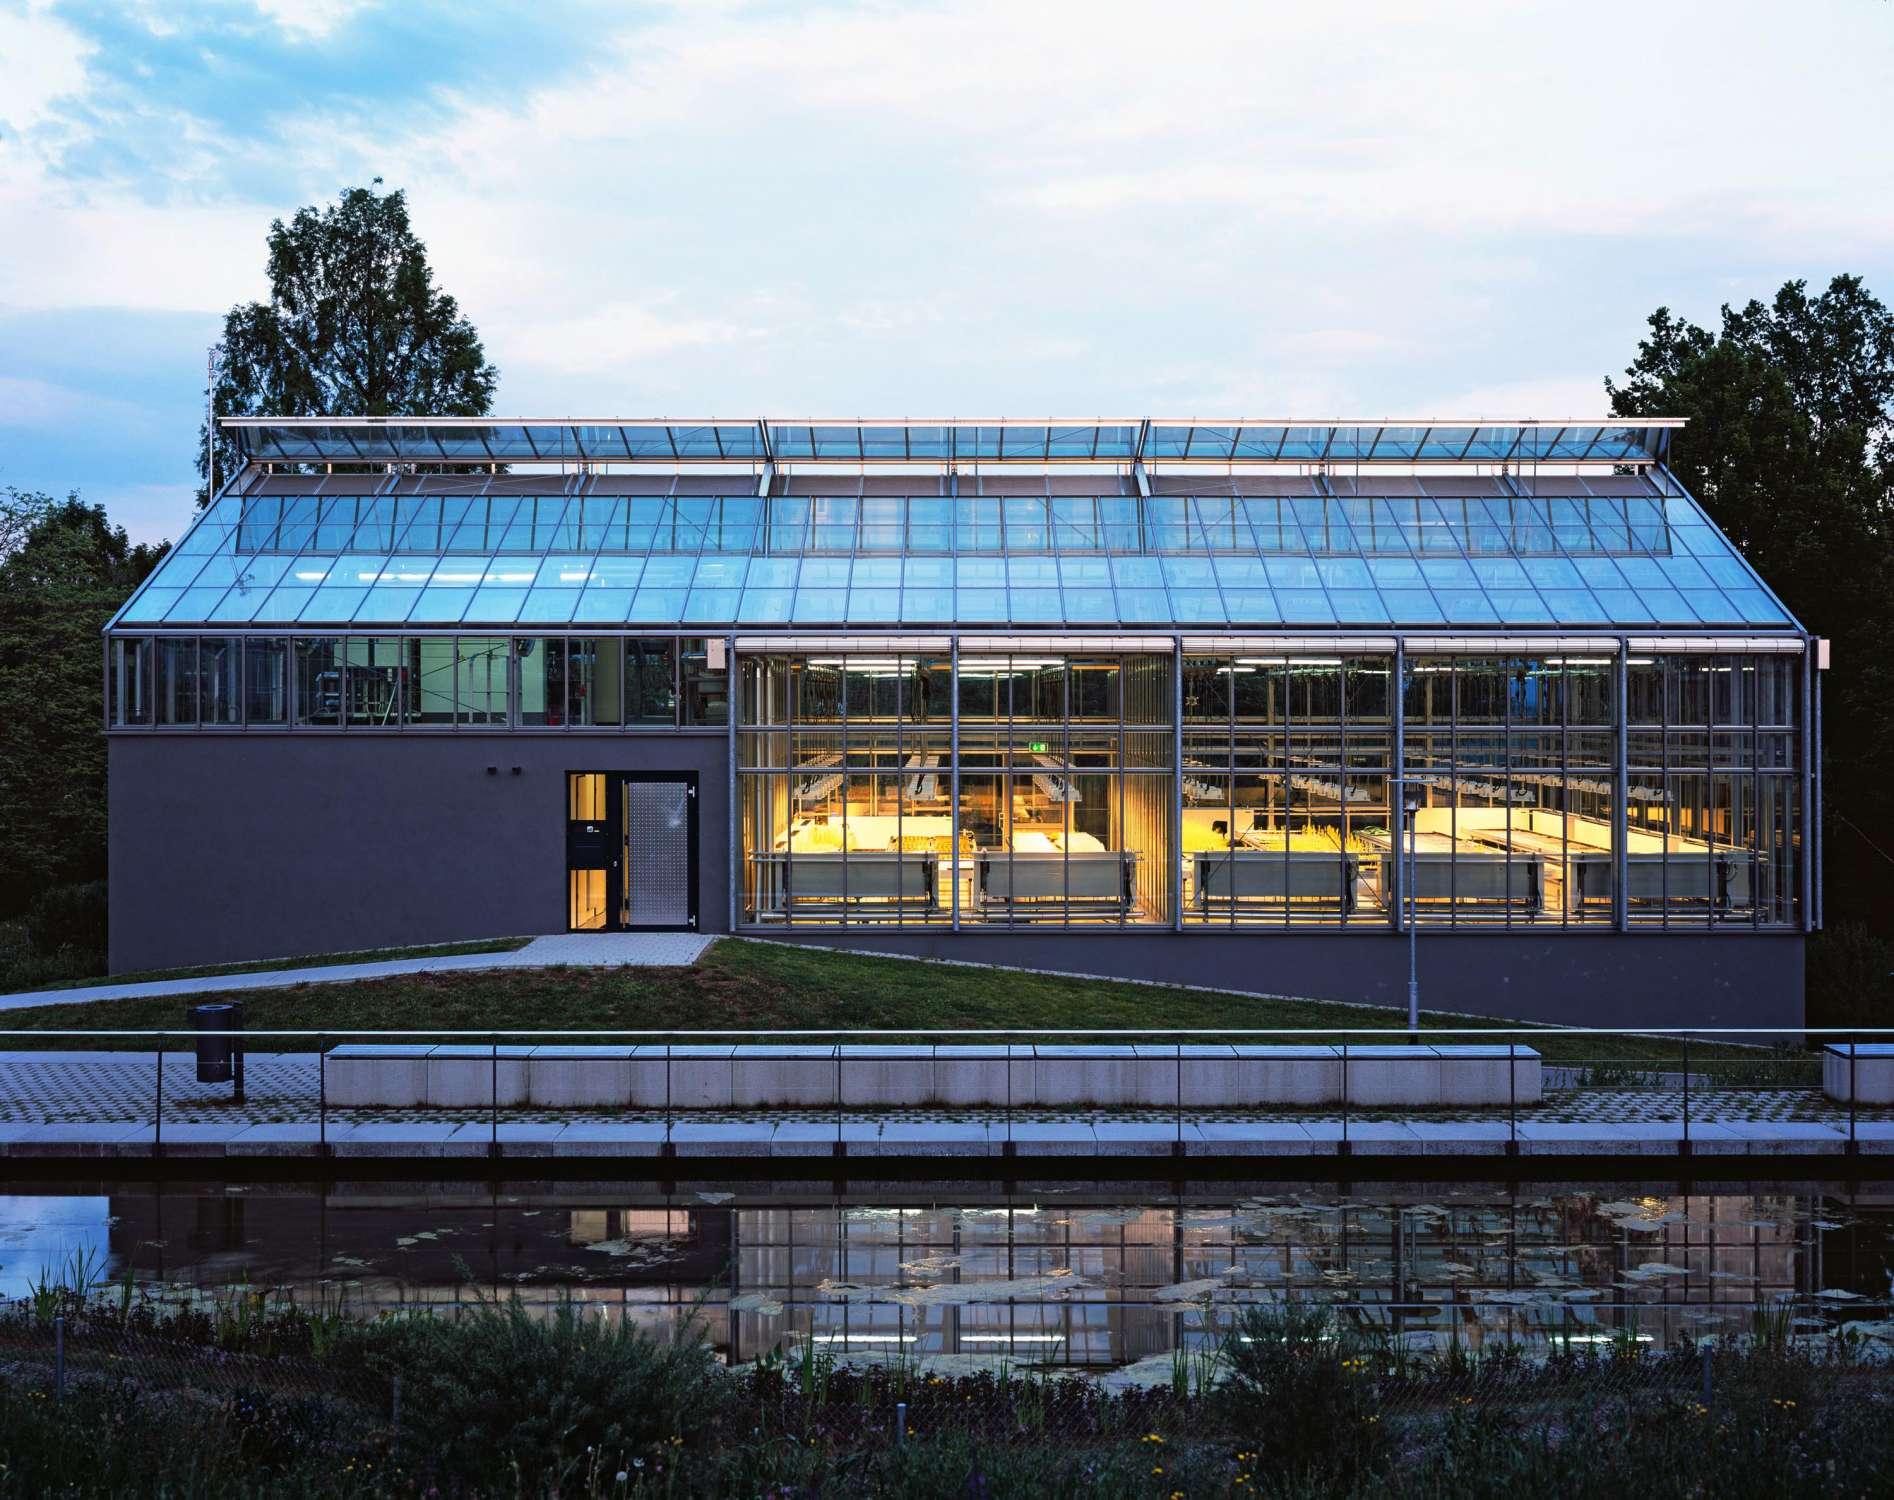 Gewächshaus zur Pflanzenforschung (13)